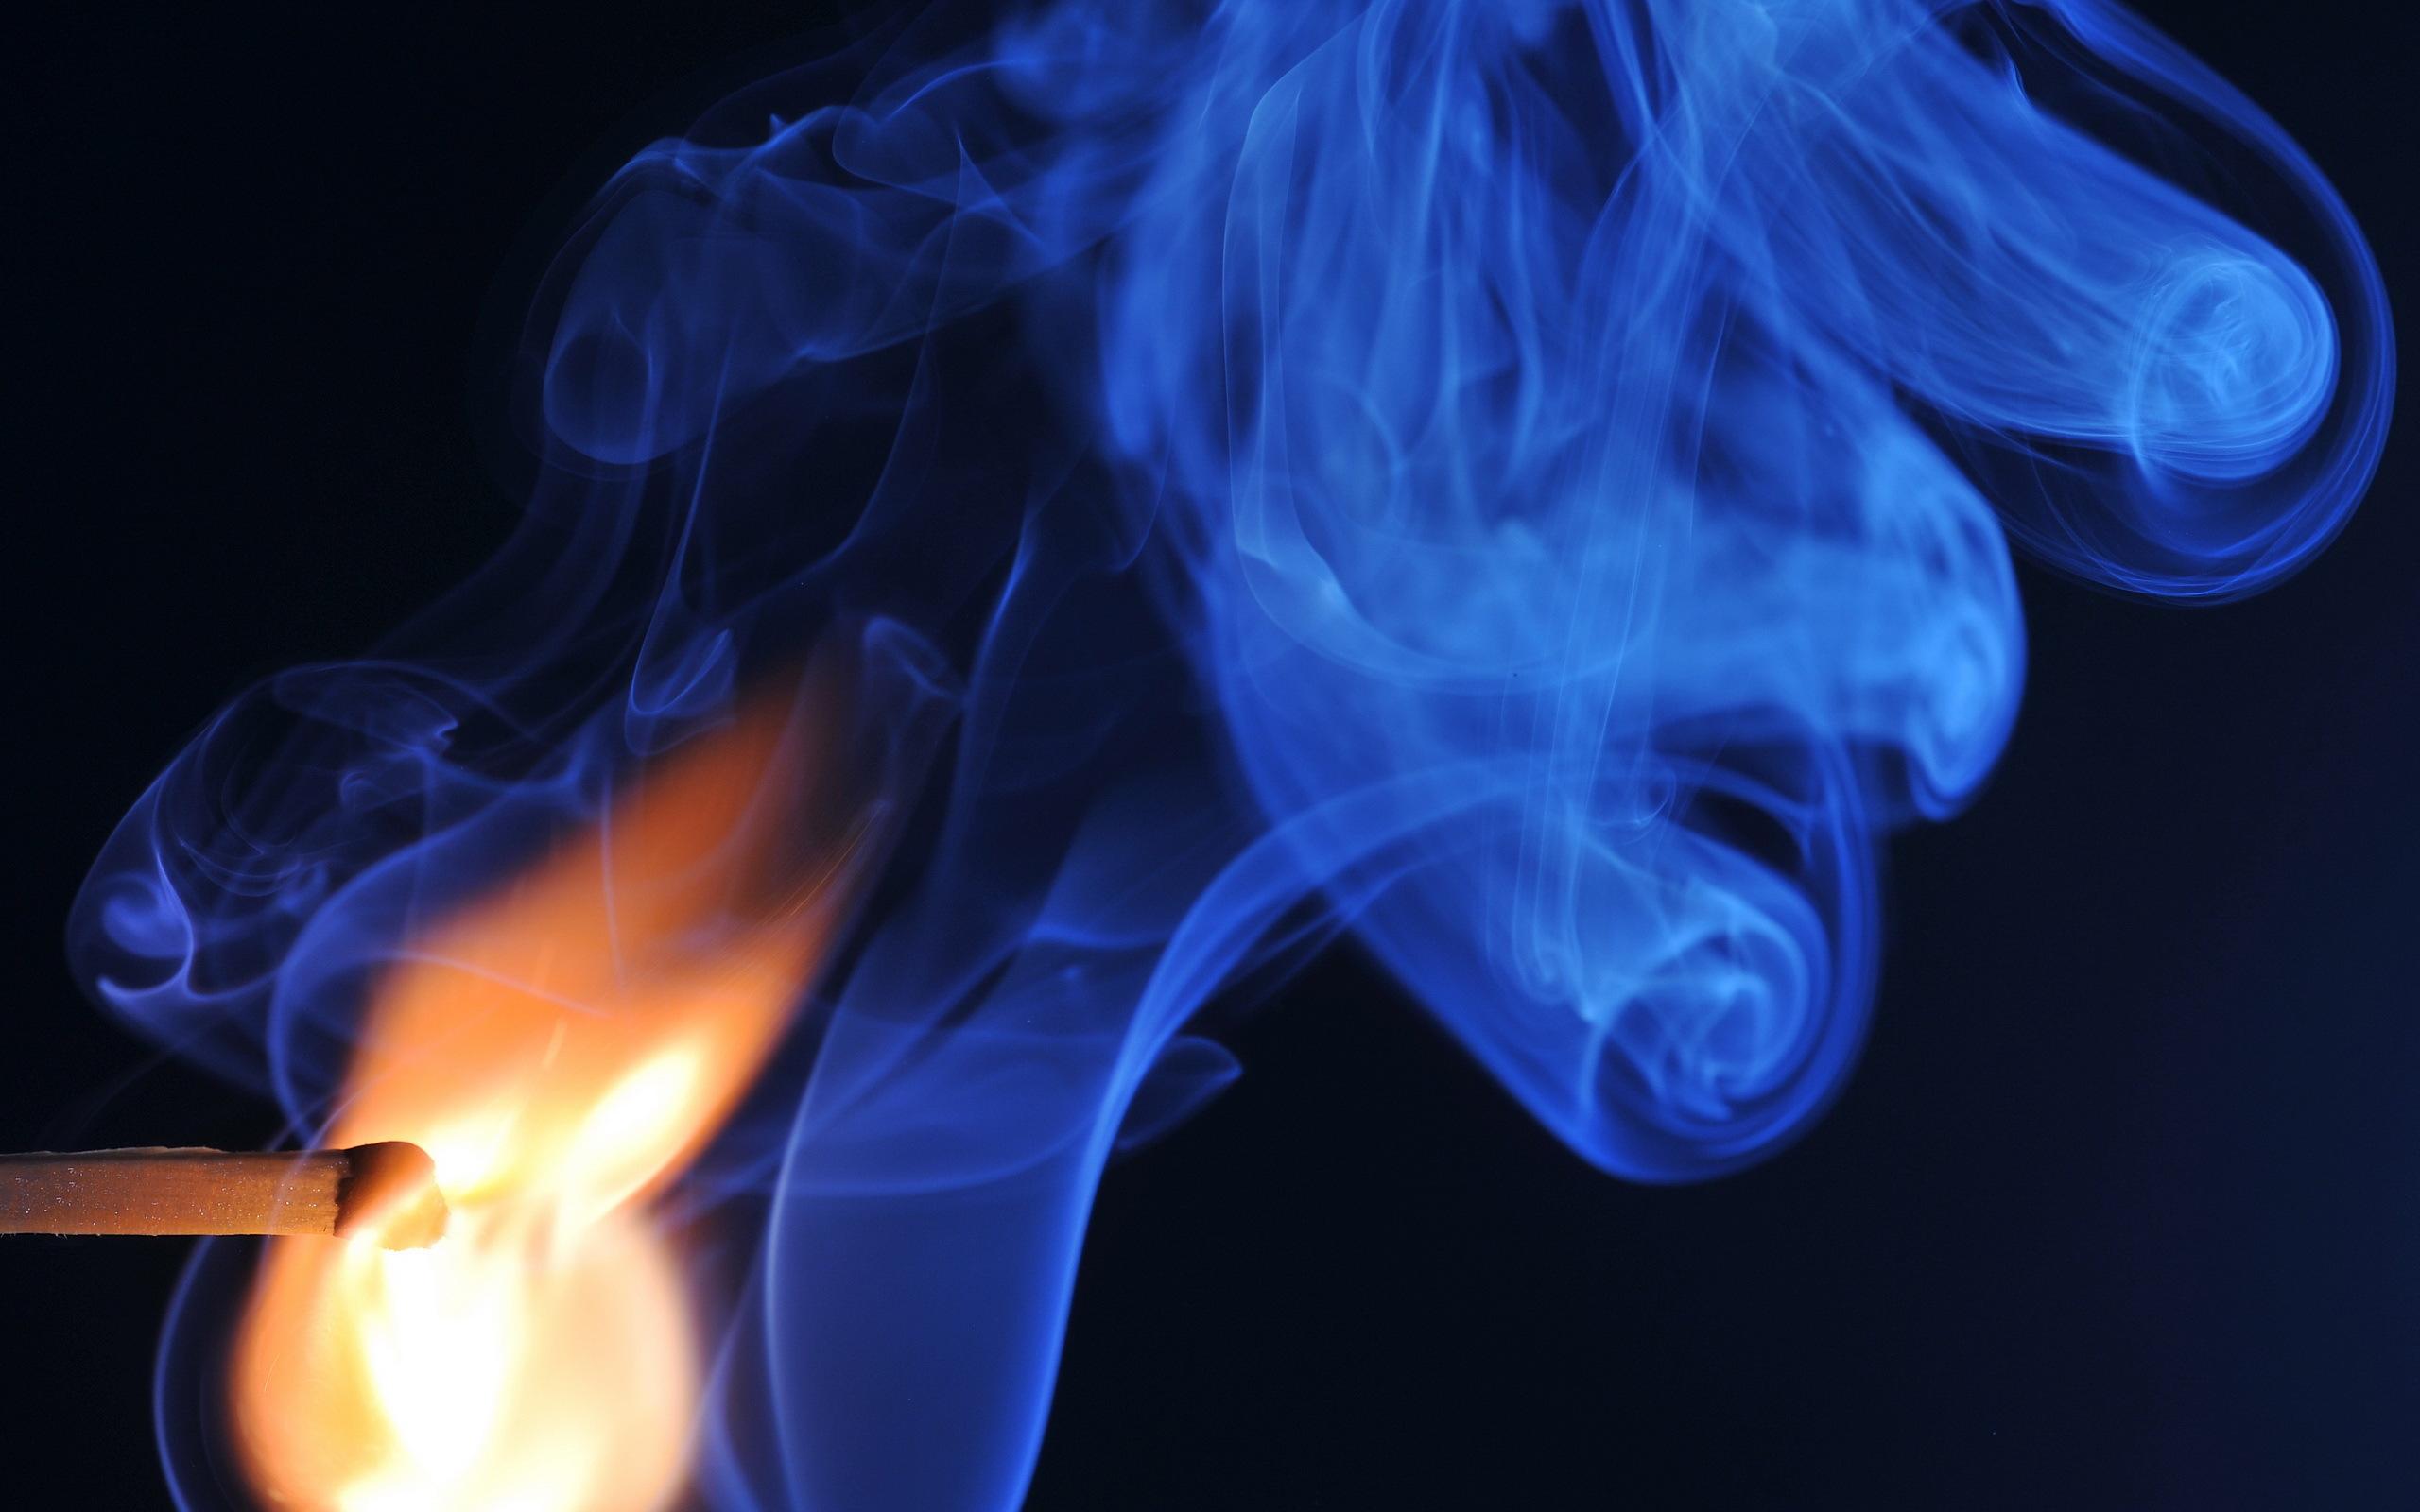 спичка огонь скачать